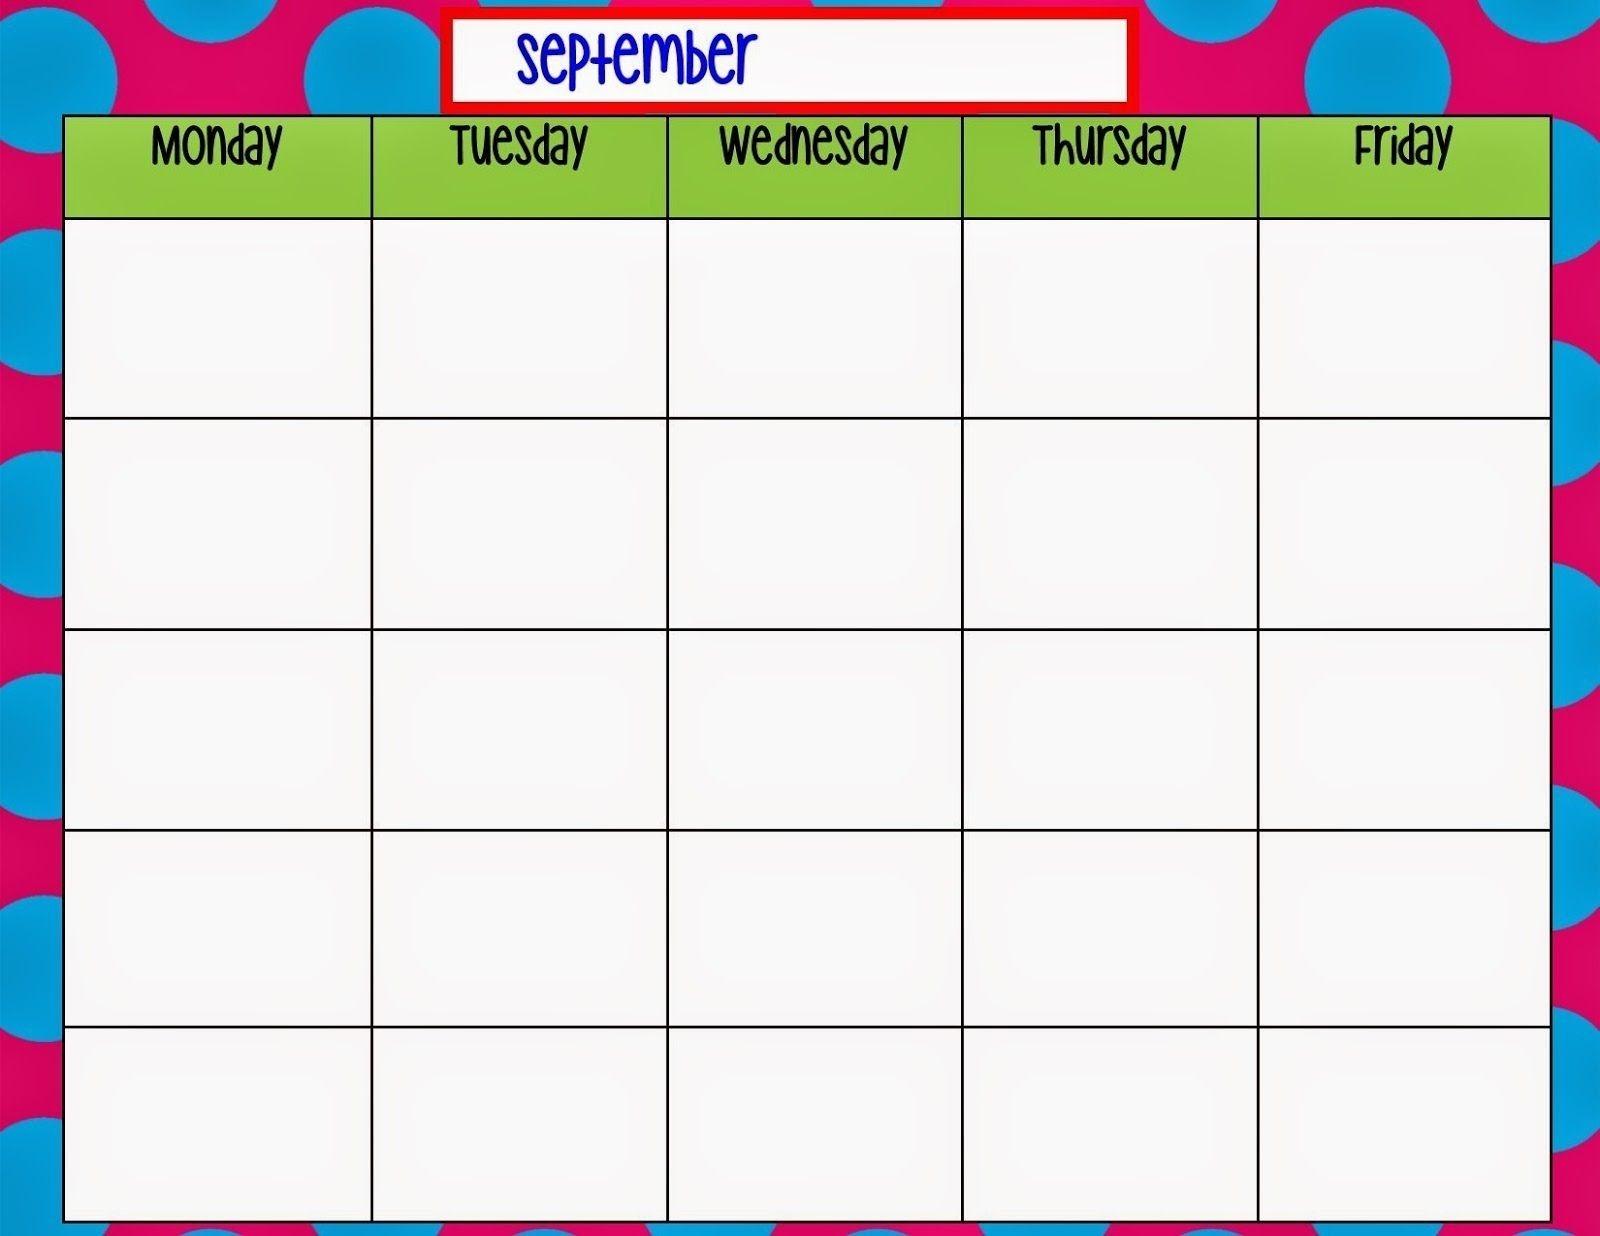 Monday Friday Monthly Calendar Template   Calendar Template